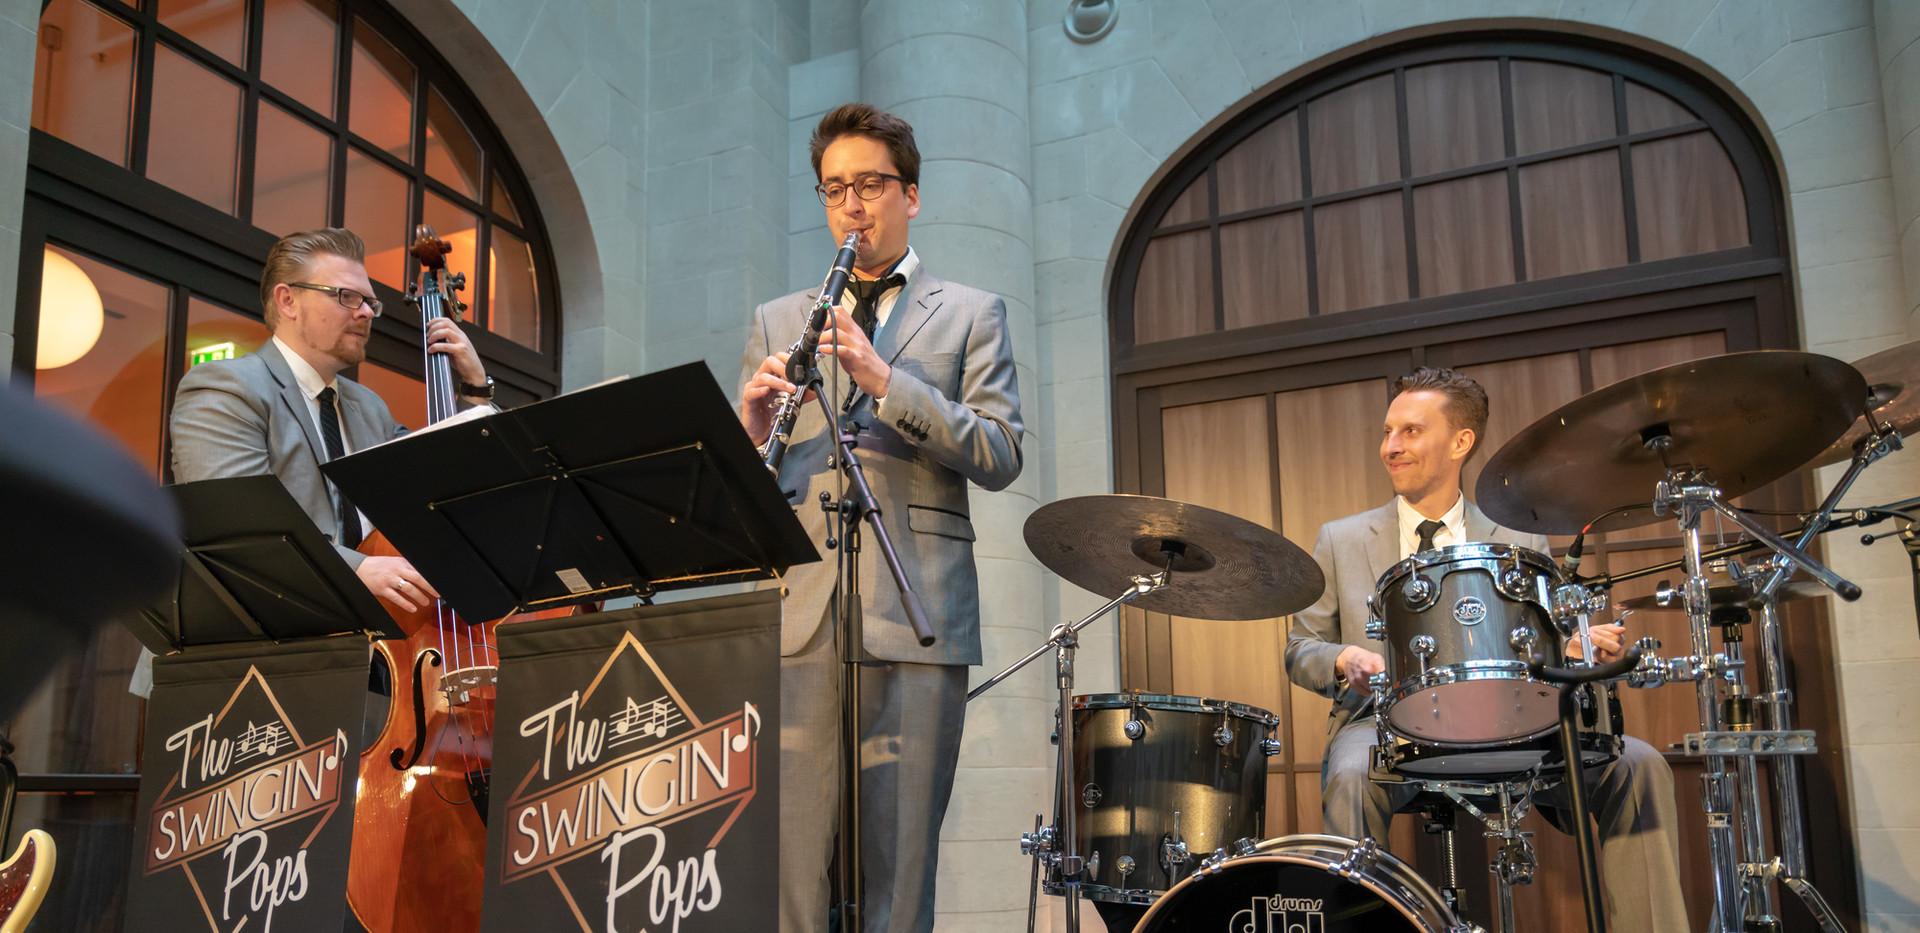 Swingin'Pops-DBT - Swingband Berlin, Jaz